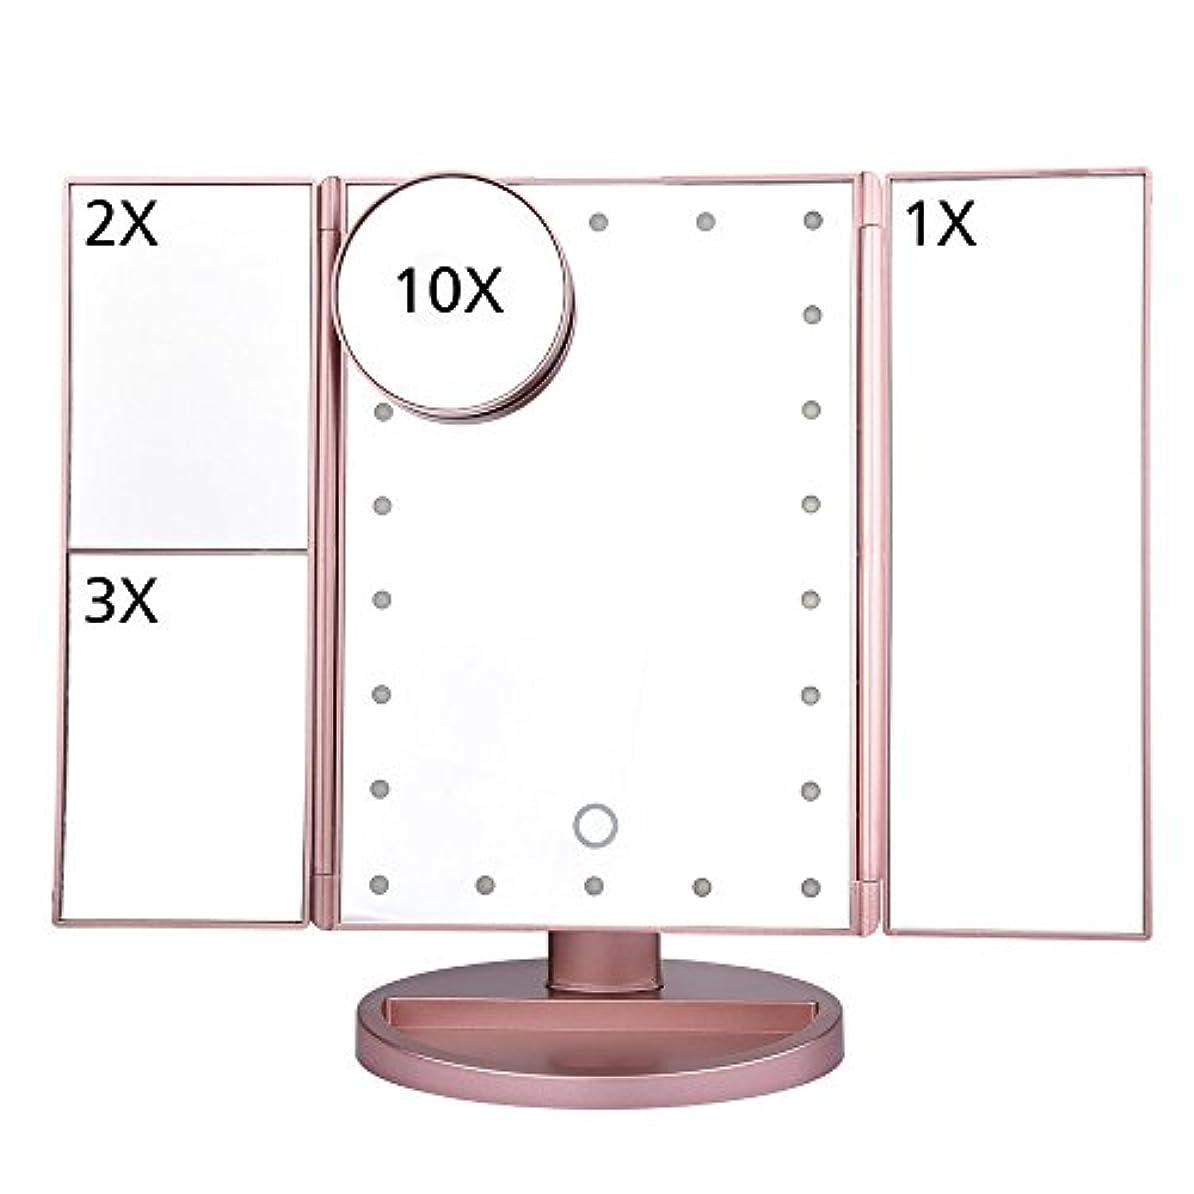 適合クリーナー変更可能RAKU 化粧鏡 LED三面鏡 卓上ミラー 卓上メークミラー 三つ折タイプ 2倍 3倍 10倍拡大鏡付き 明るさ調節可能 180度自由回転 22個LEDライト付き USB/単四電池給電 三つ折卓上化粧鏡 女性のプレゼント...